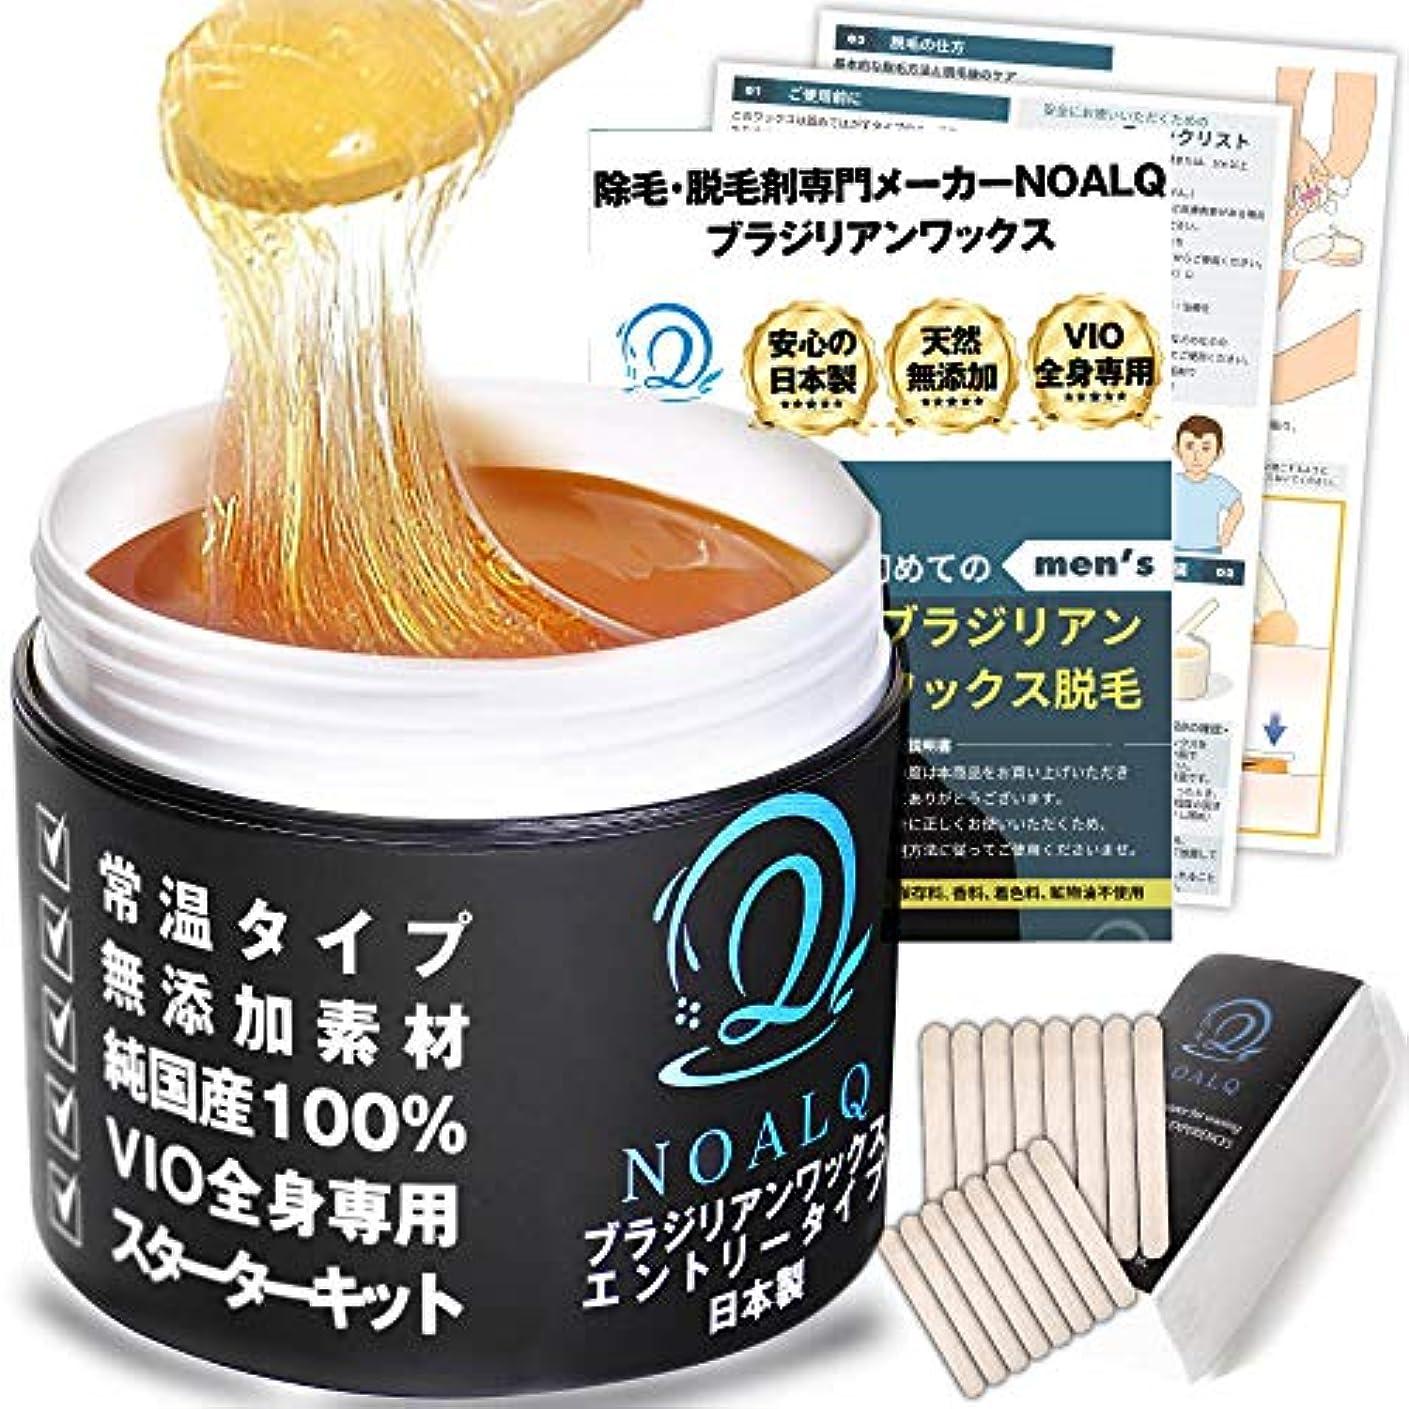 僕のスキップ光沢NOALQ(ノアルク) ブラジリアンワックス エントリータイプ 天然無添加素材 純国産100% VIO 全身脱毛専用 スターターキット